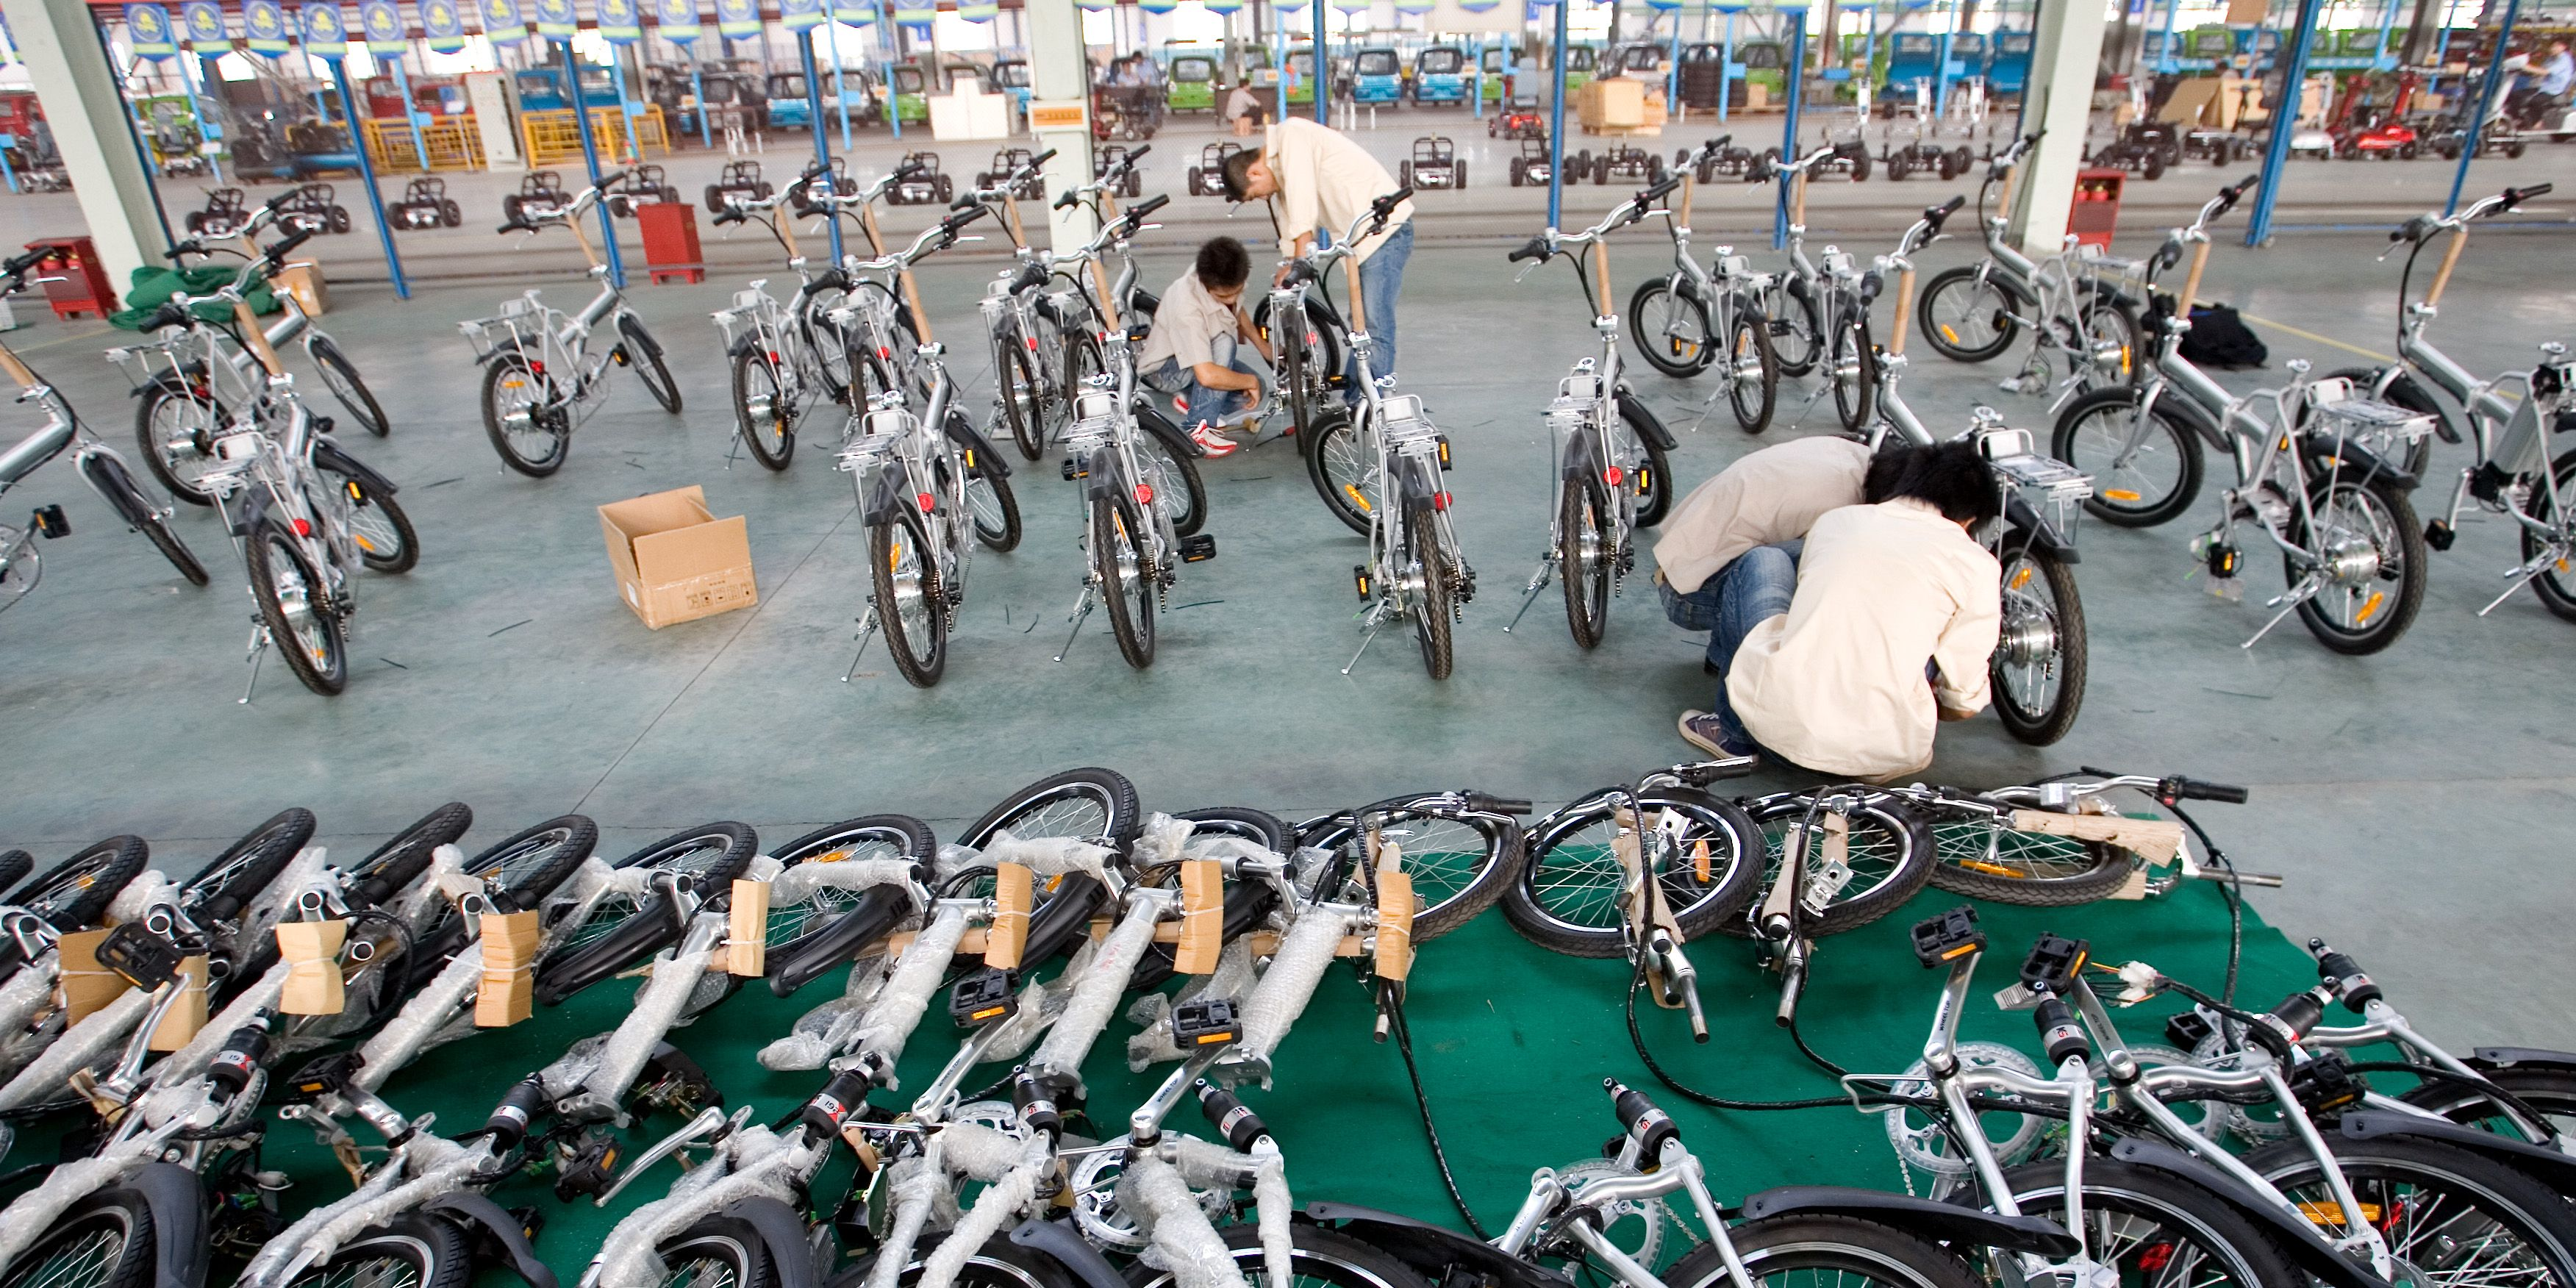 Repow electric vehicles factory in Zhejiang, China